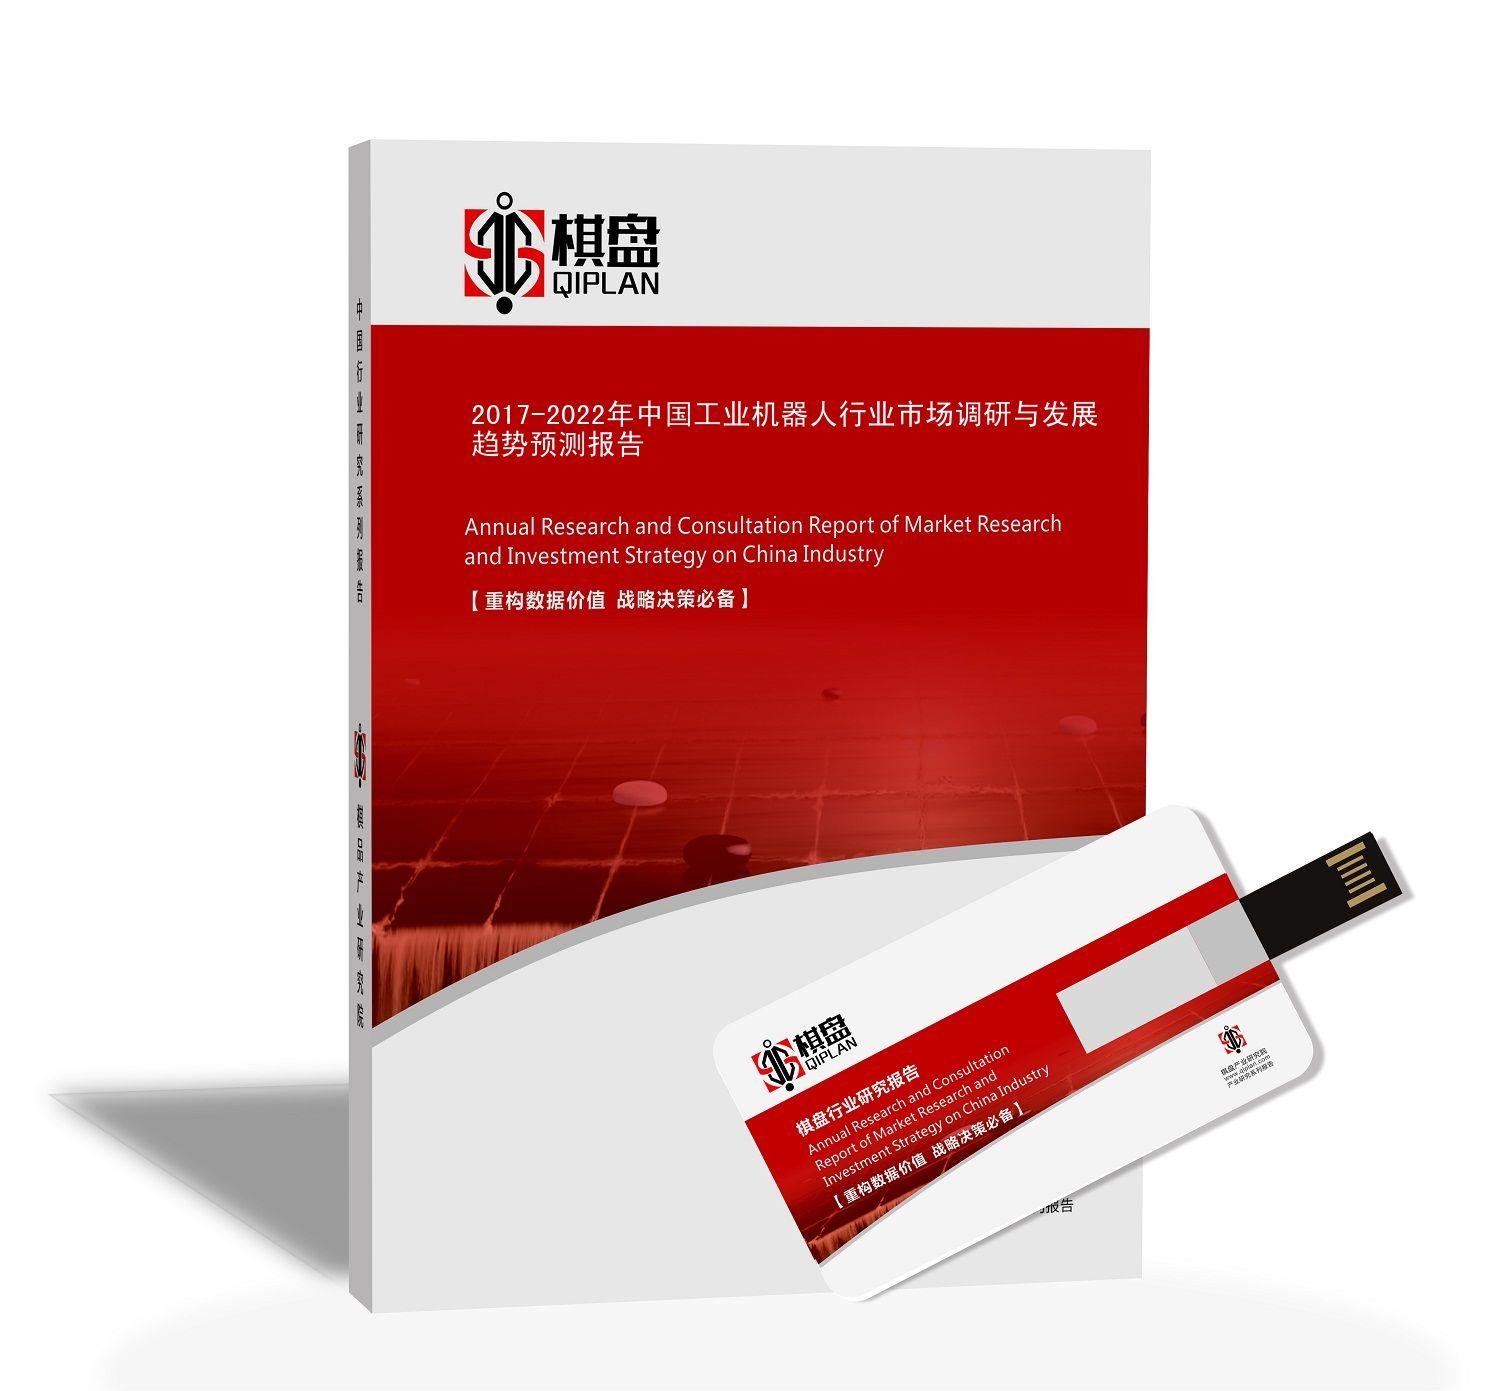 2017-2022年中国工业机器人行业市场调研与发展趋势预测报告